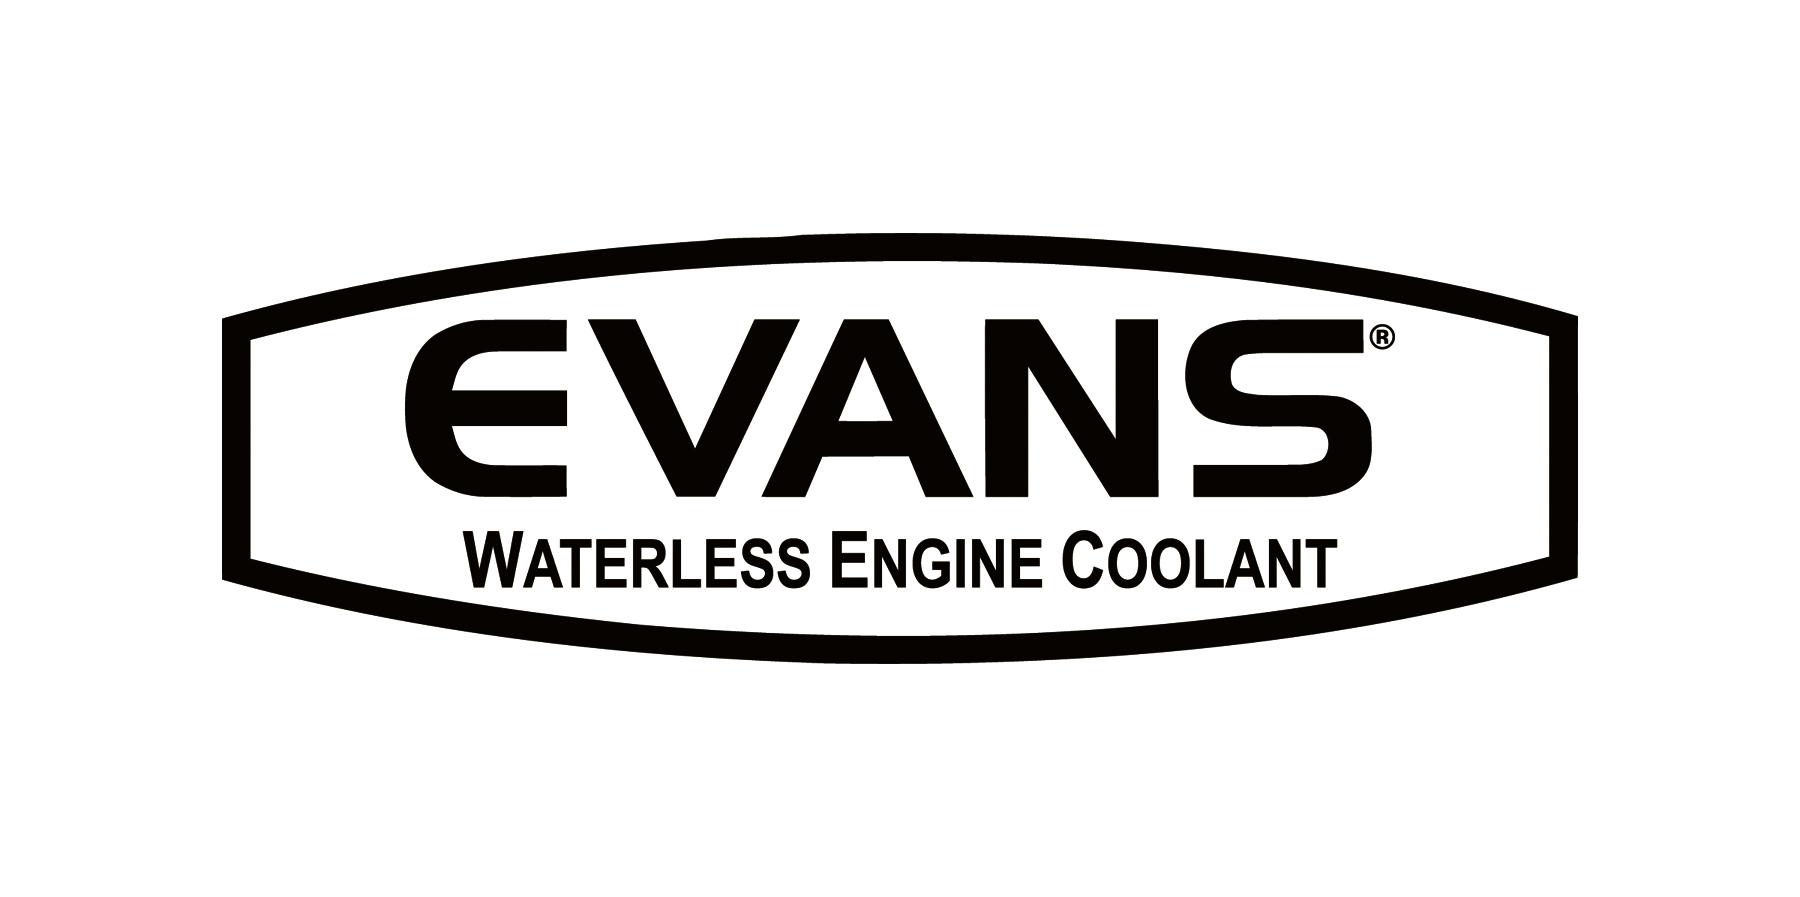 cool runnings  u2013 evans waterless engine coolant